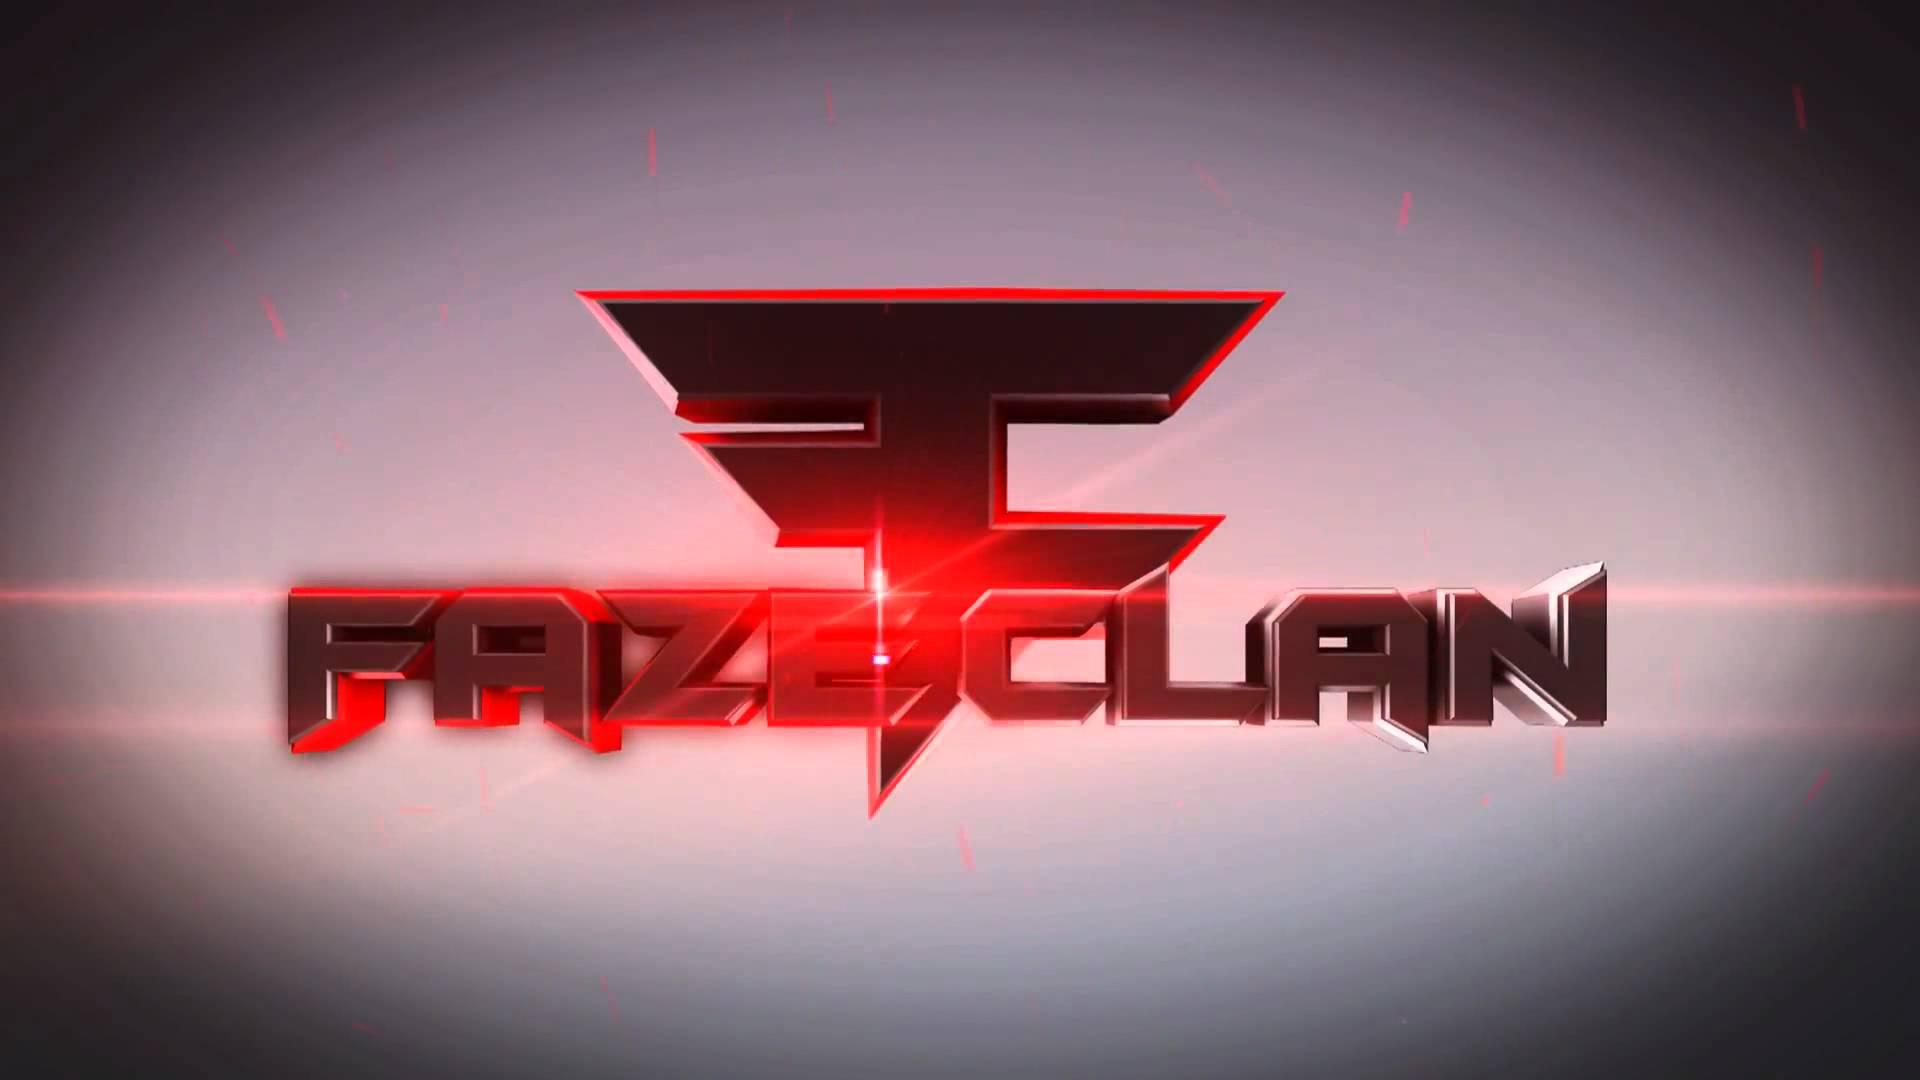 FaZe Clan Sponsorship 1920x1080